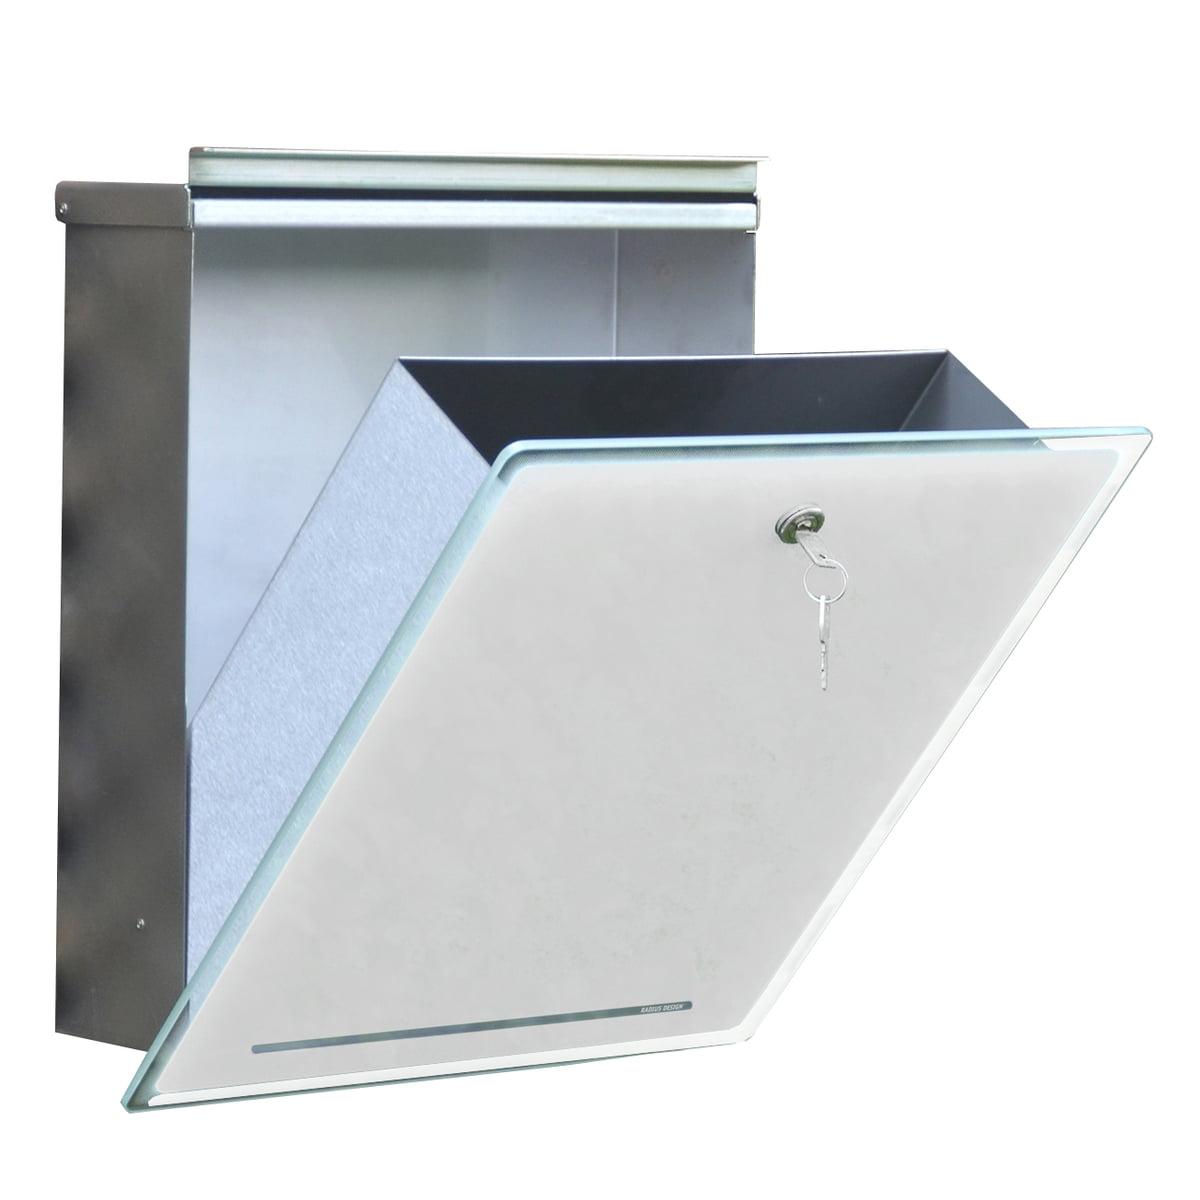 briefkasten letterman iii von radius design. Black Bedroom Furniture Sets. Home Design Ideas